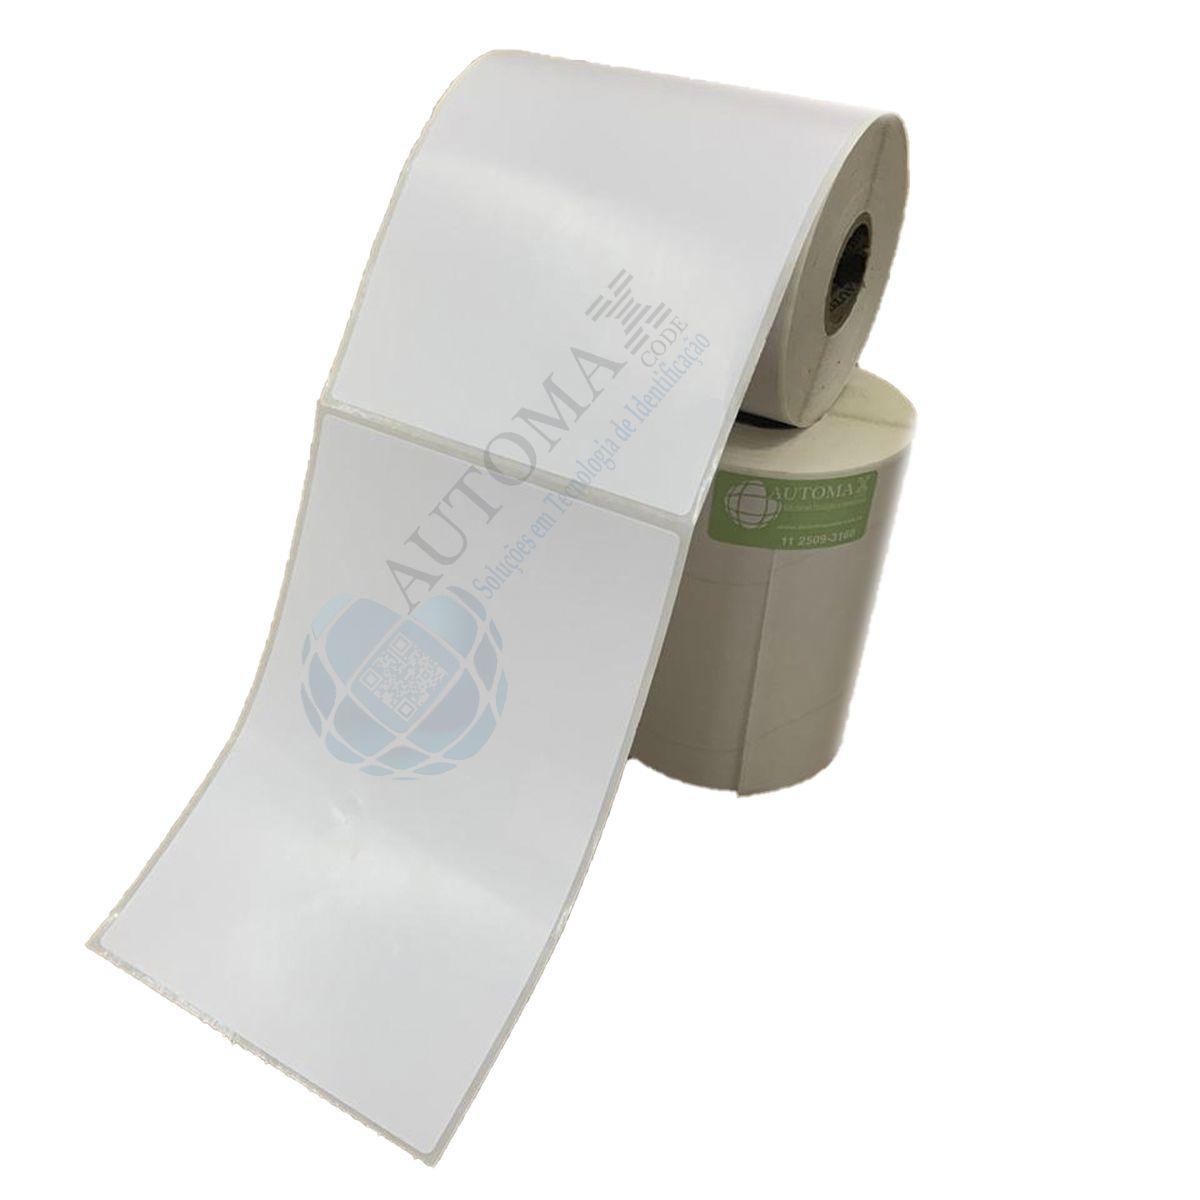 Kit 10 Rolos de Etiqueta Couche 10x15 cm + 5 Rolos de Ribbon